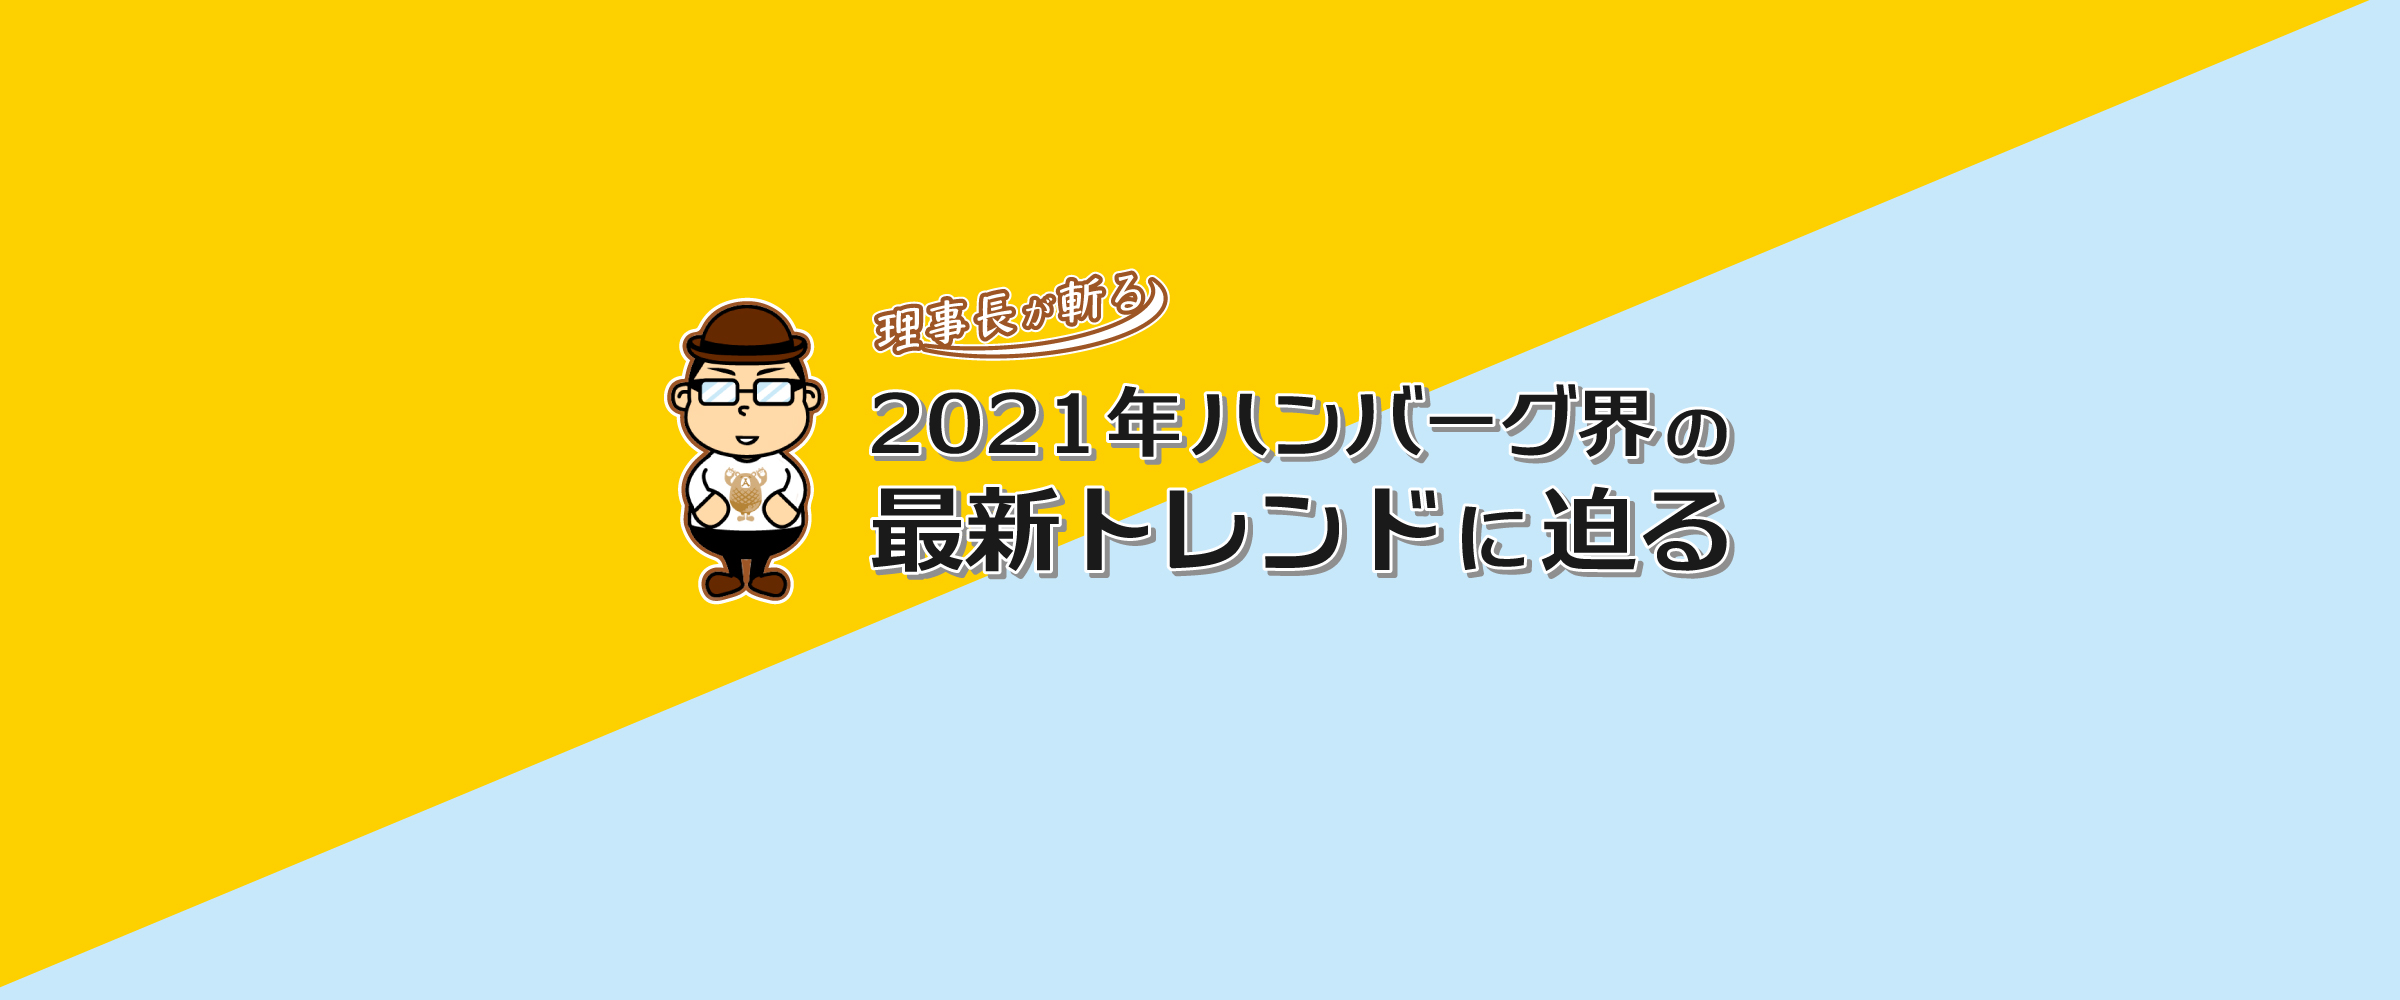 2021年ハンバーグ界の最新トレンド